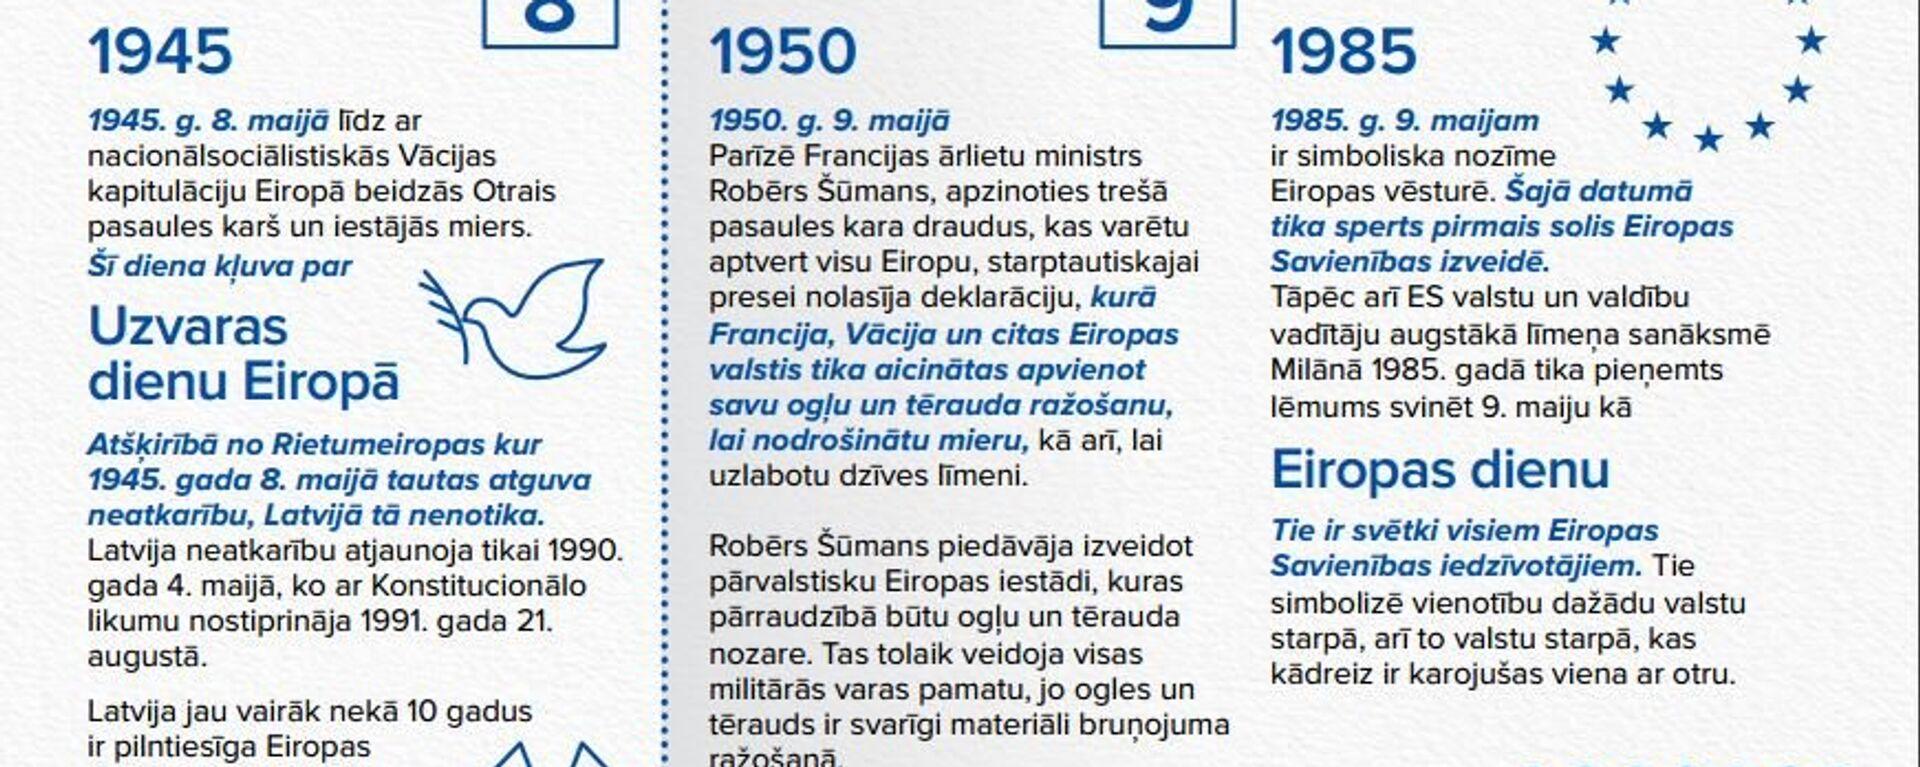 Инфографика, что в Латвии и в мире отмечали 8 и 9 мая - Sputnik Латвия, 1920, 08.05.2017